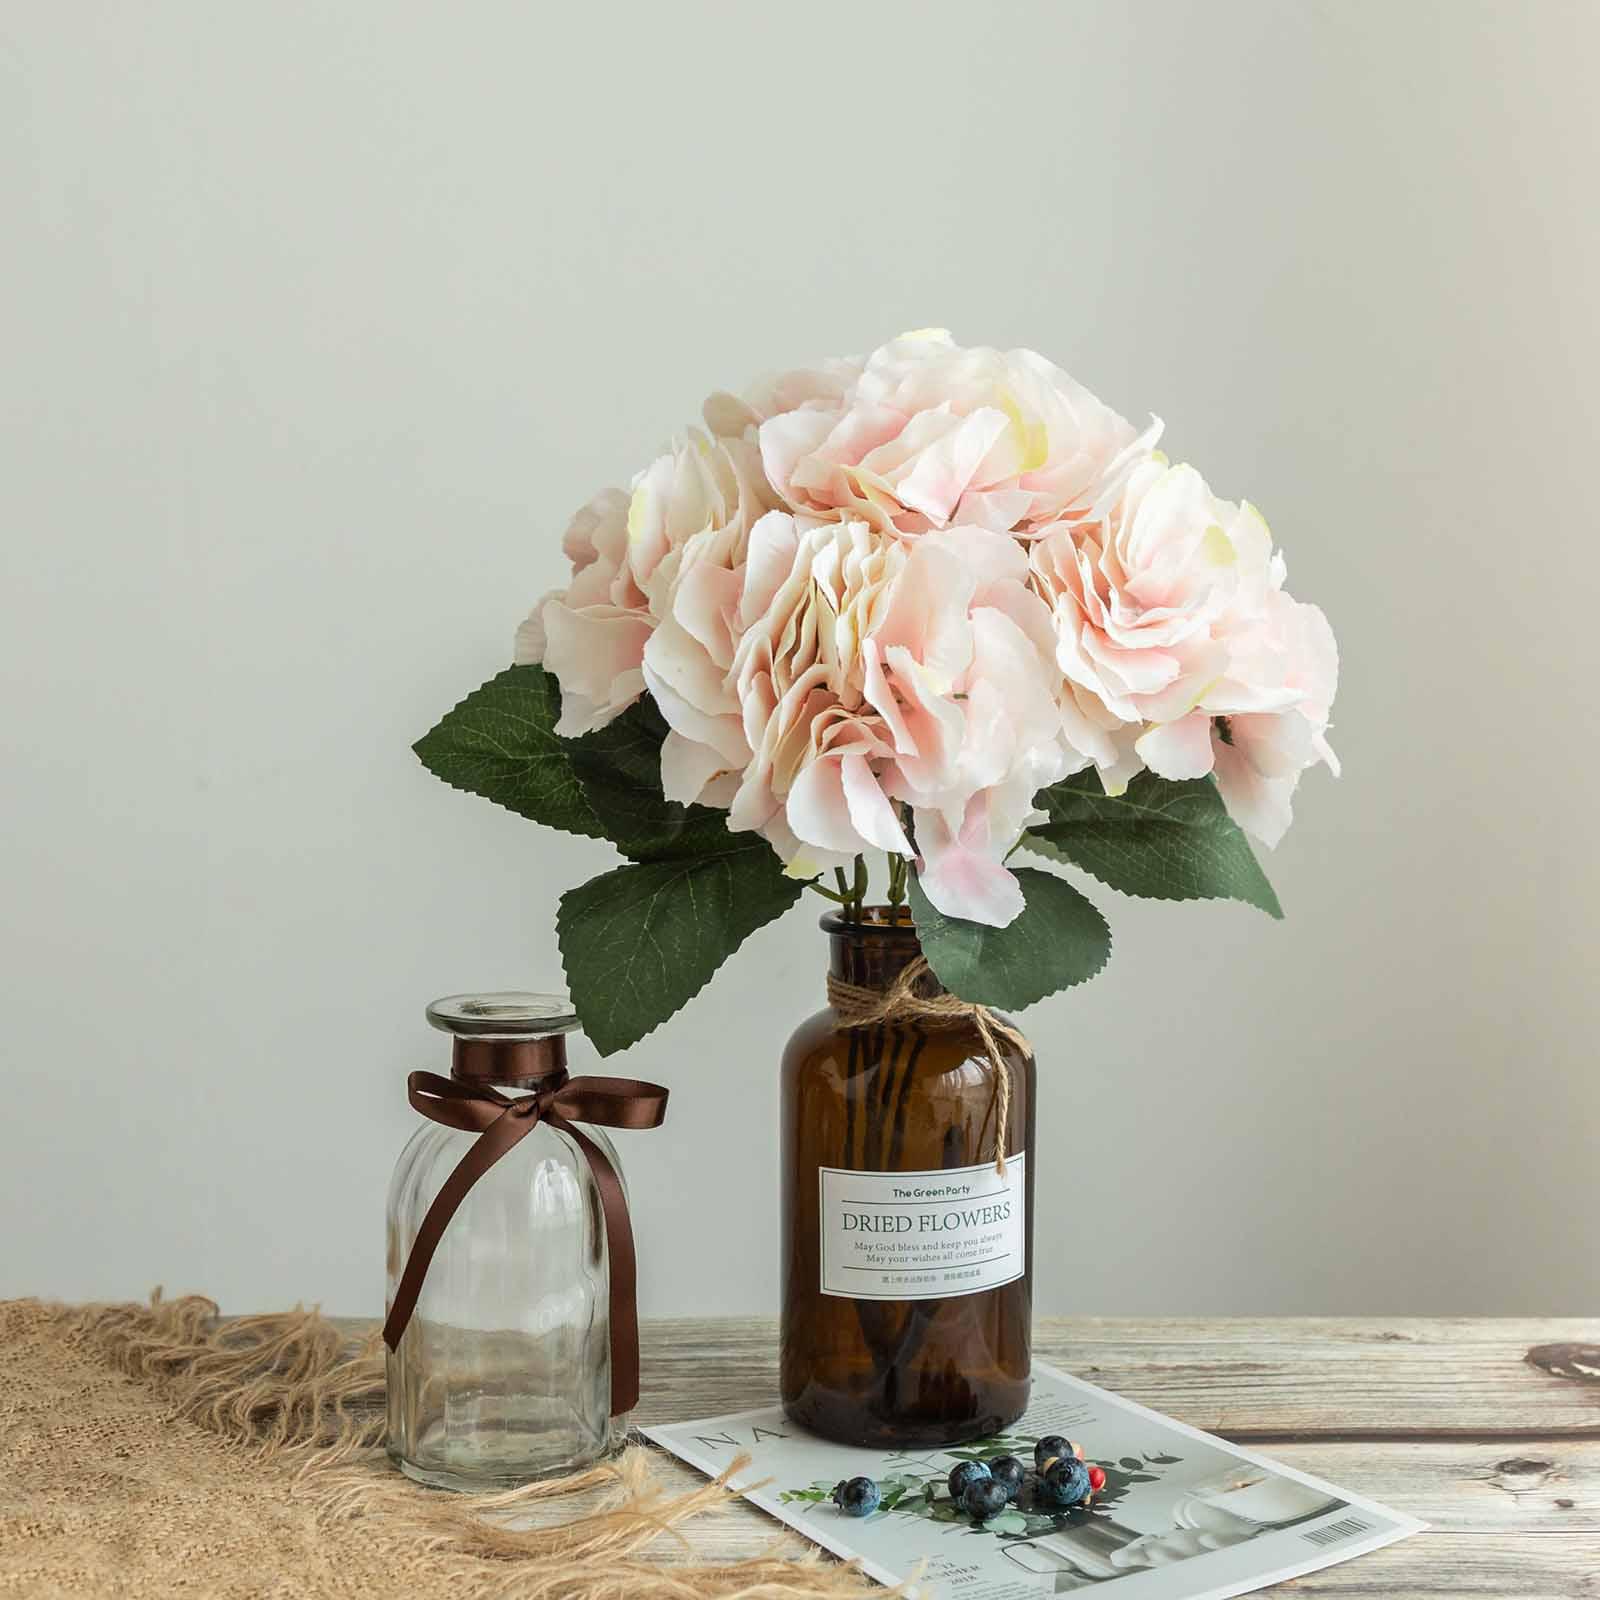 BalsaCircle 25 Silk Hydrangea - 5 Bushes - Artificial Flowers Party Centerpieces Wedding Arrangements Bouquets